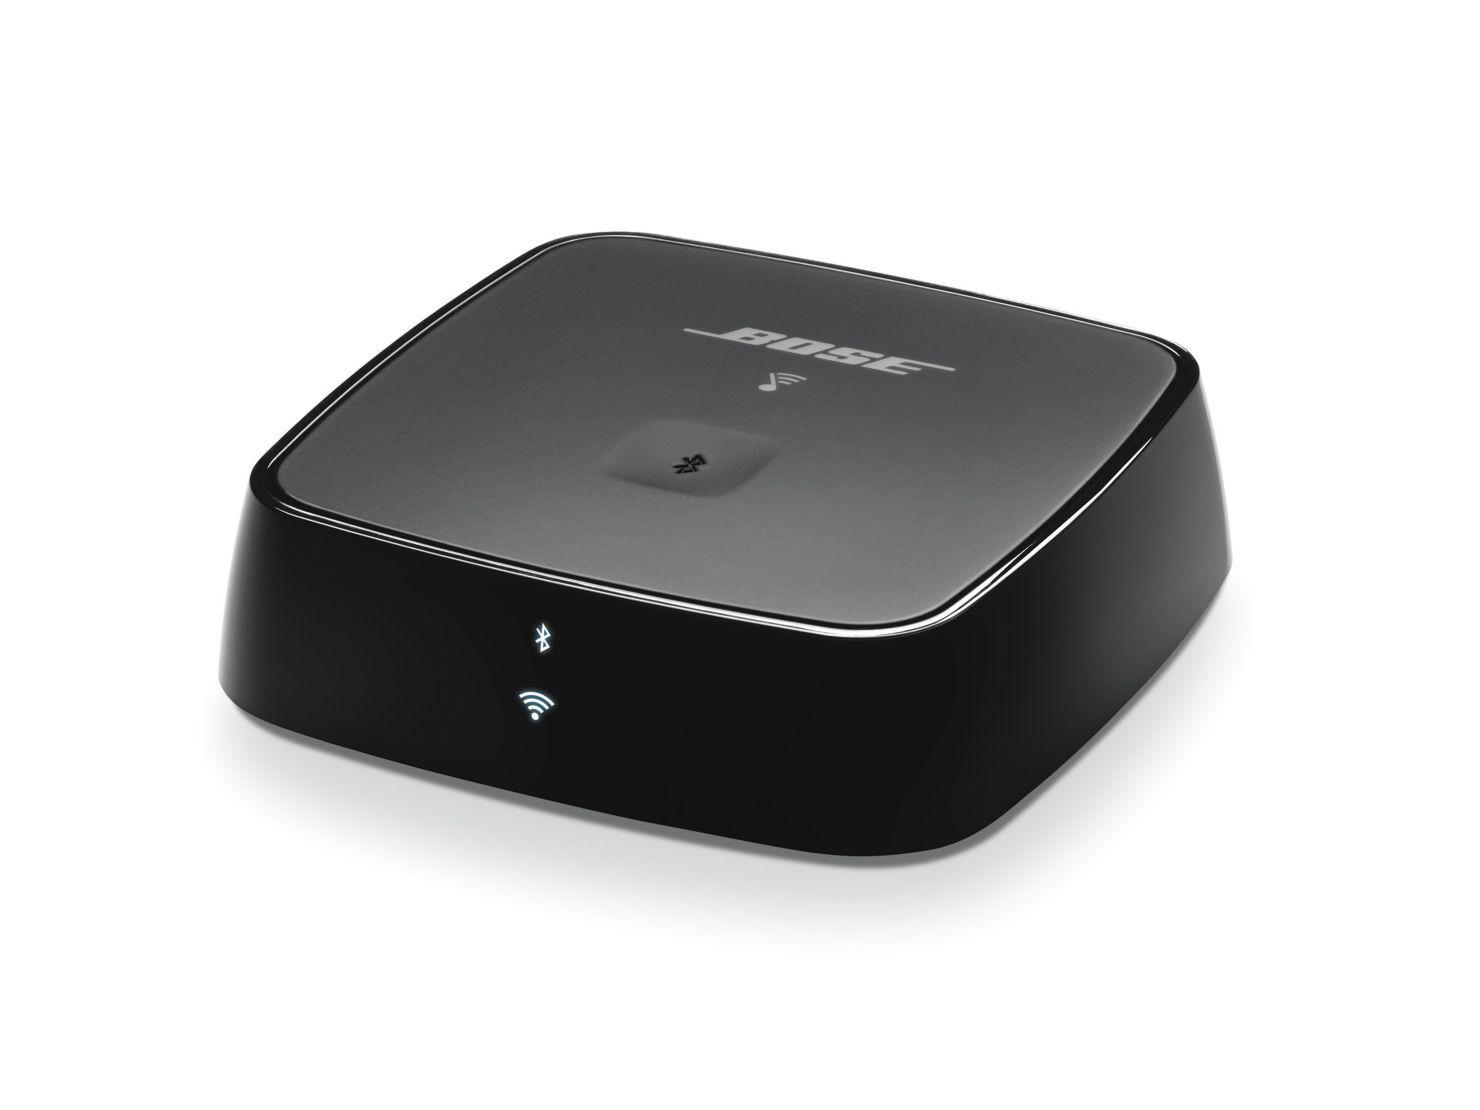 ae36950145e Adaptador%20de%20Audio%20Bose%20Bluetooth%2C%2Chi-res ...